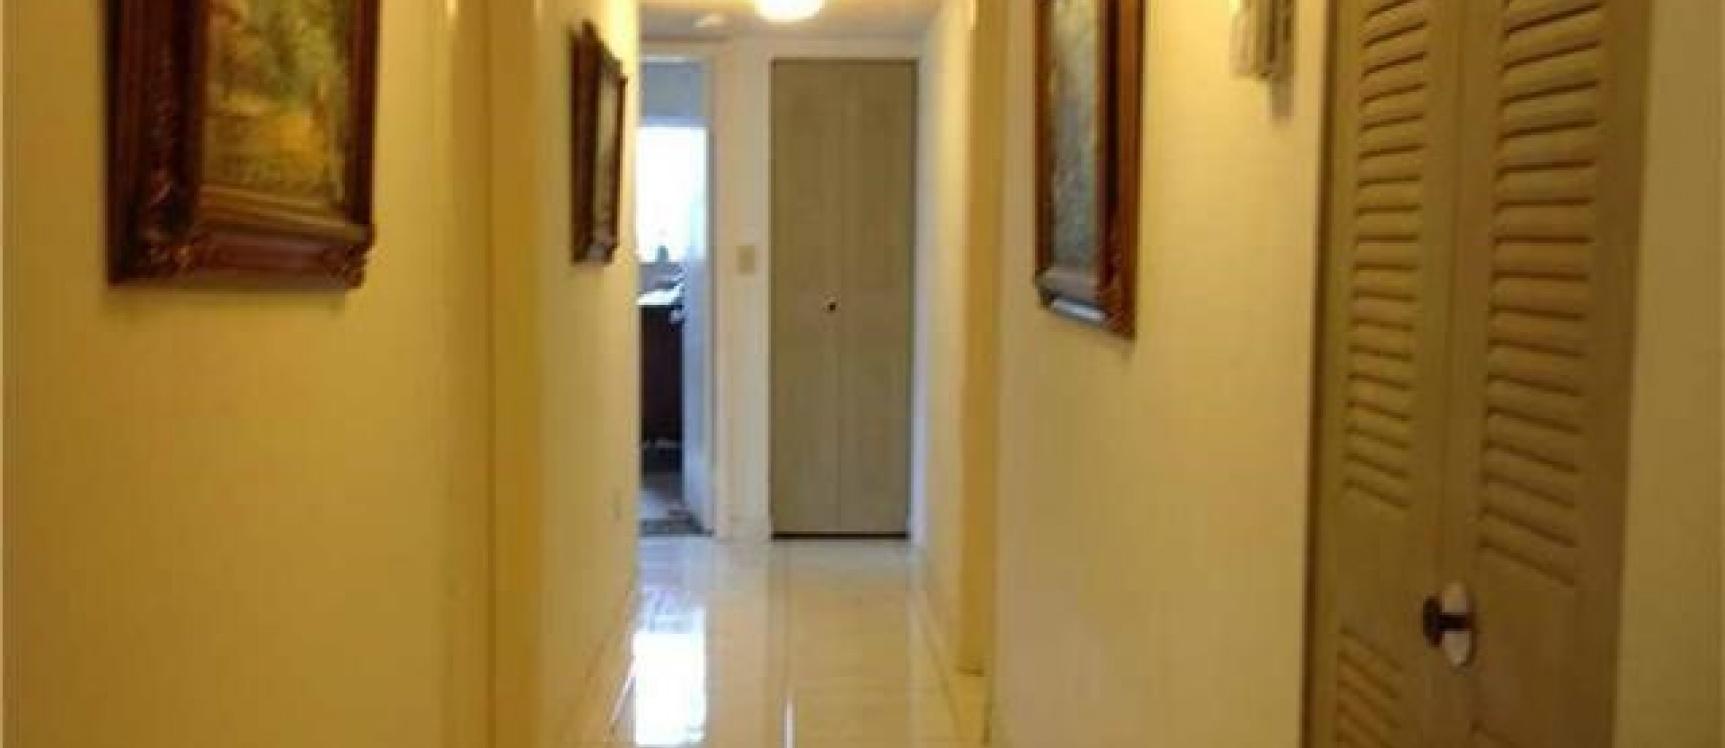 GeoBienes - Departamento en DORAL PARK MIAMI - Plusvalia Guayaquil Casas de venta y alquiler Inmobiliaria Ecuador